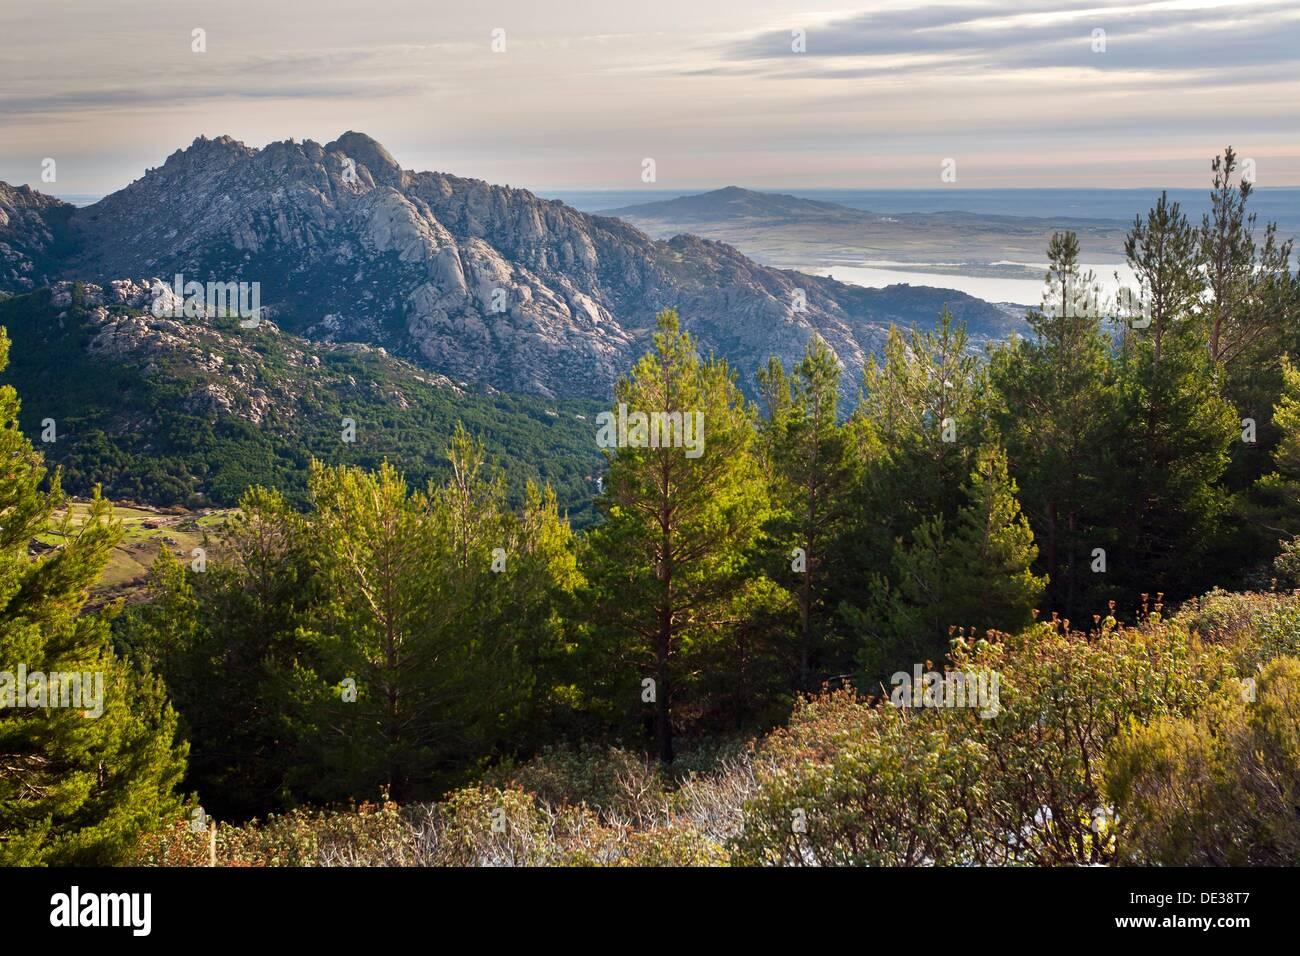 Pedriza Anterior and Santillana reservoir  Parque Regional de la Cuenca Alta del Manzanares  Manzanares el Real  Madrid  Spain - Stock Image